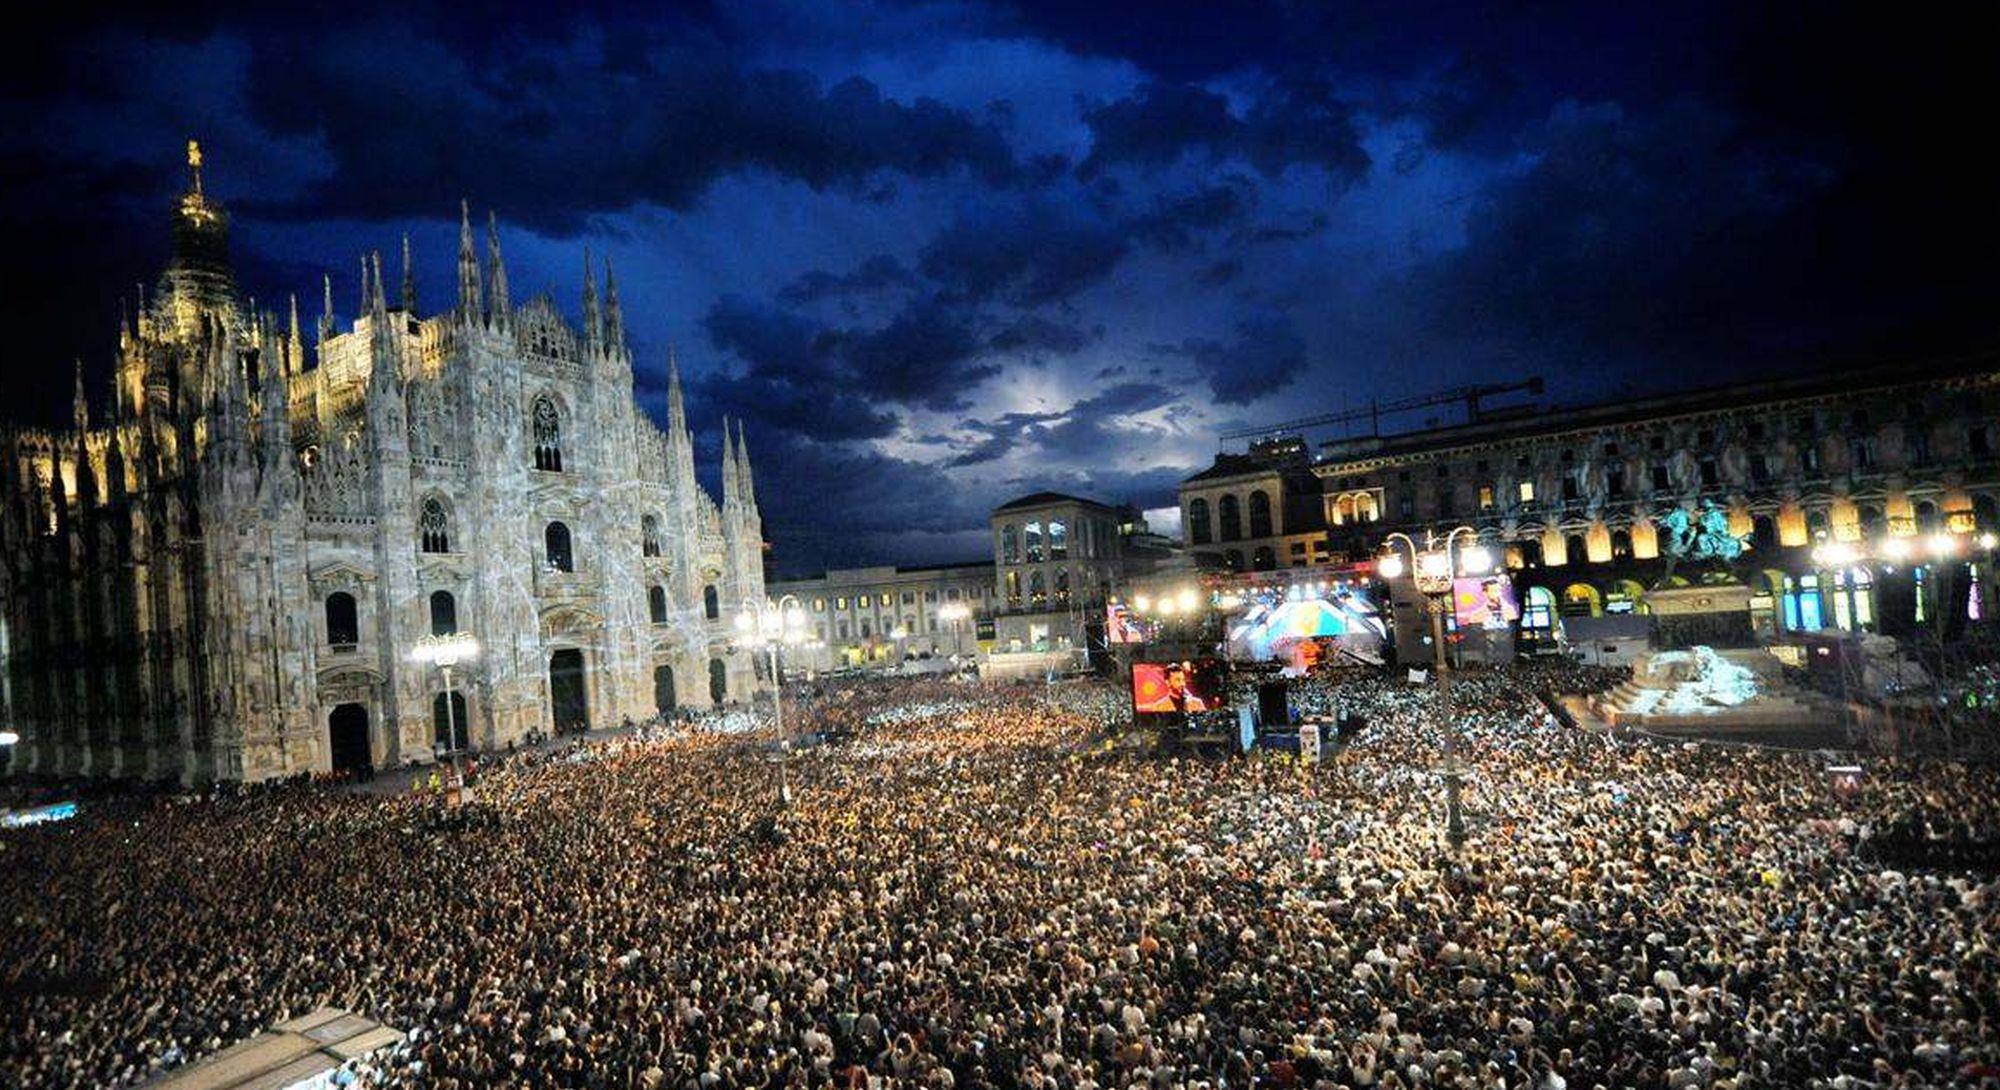 Radio Italia Live 2019 - Il Concerto: date, città, dichiarazioni